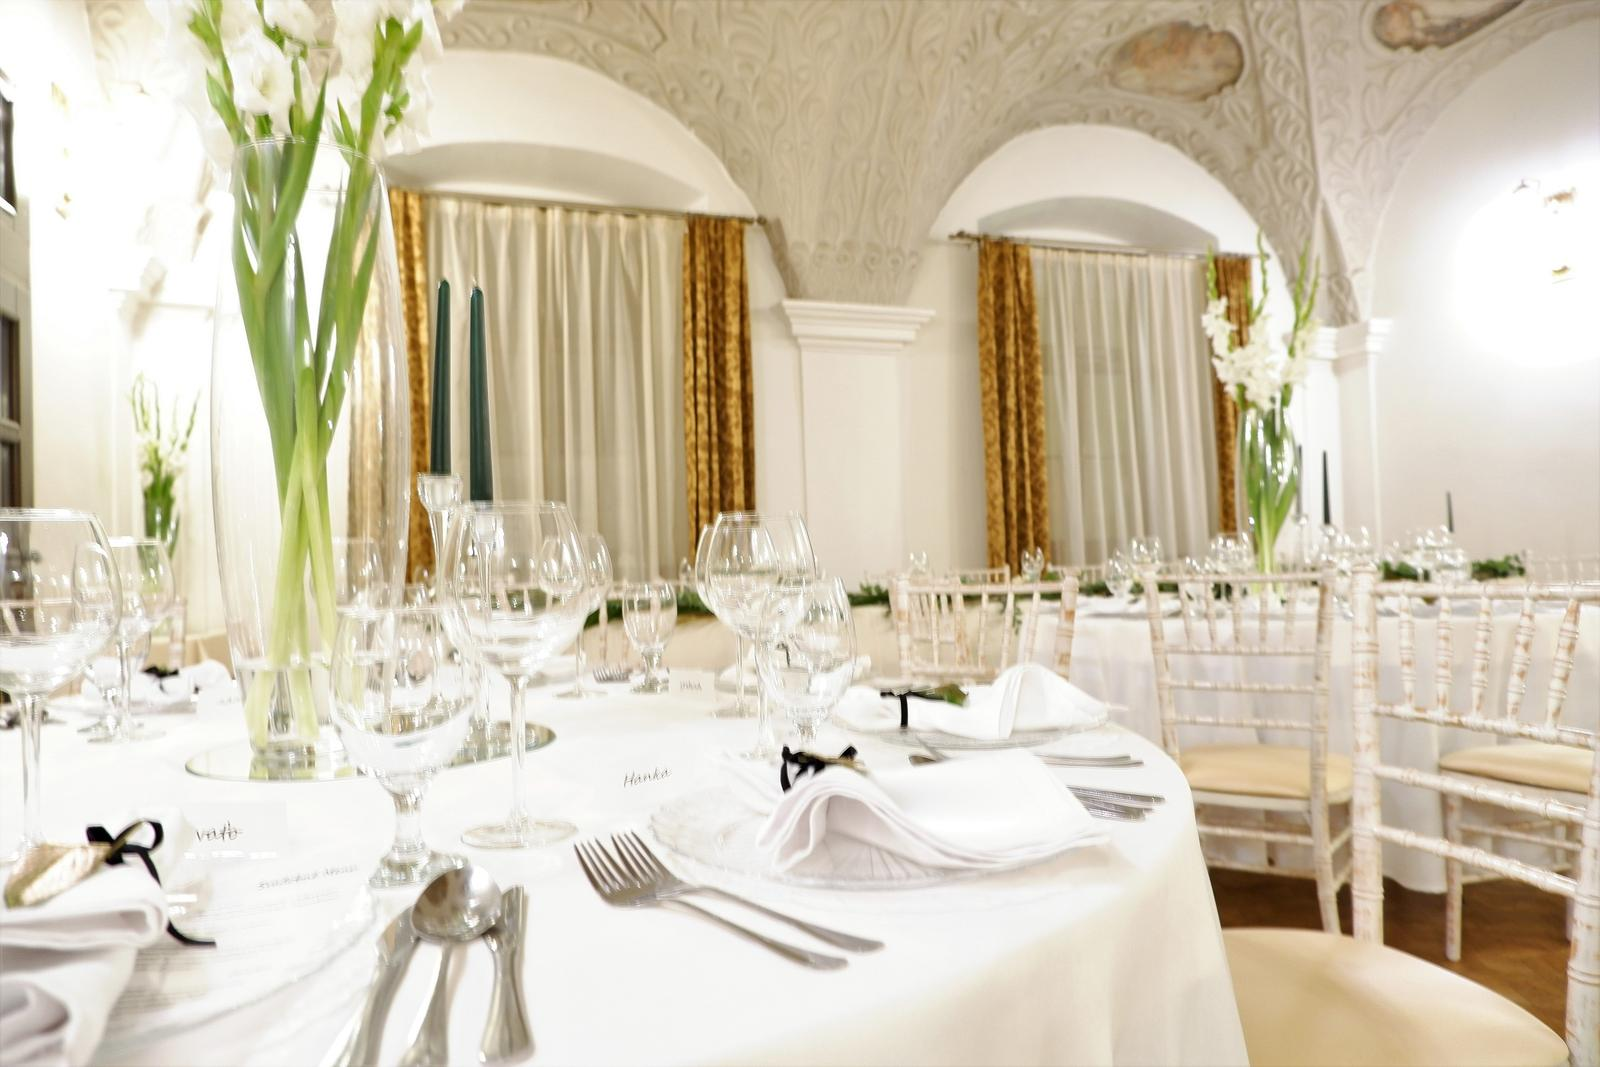 obrus na okrúhly stôl biely 300 cm - Obrázok č. 1